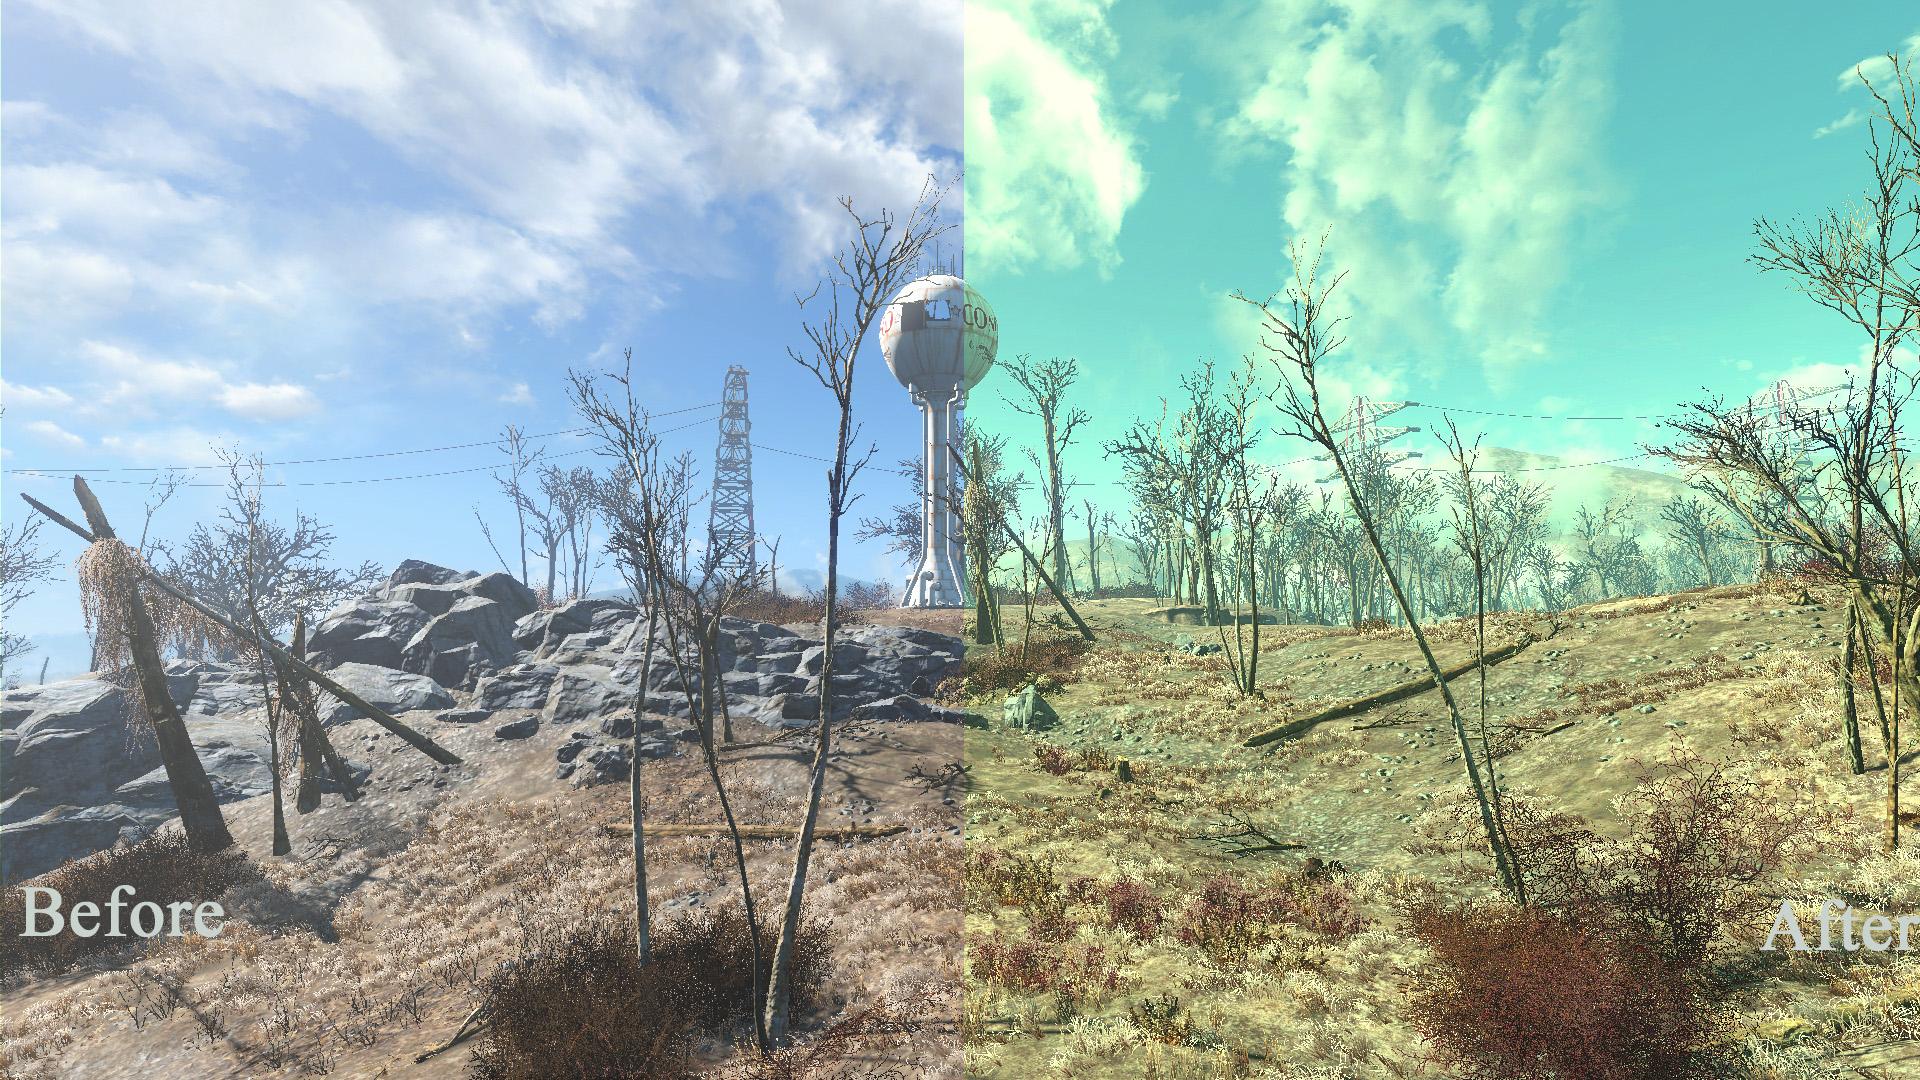 Fallout 3 Esque Mod - Fallout 4 / FO4 mods